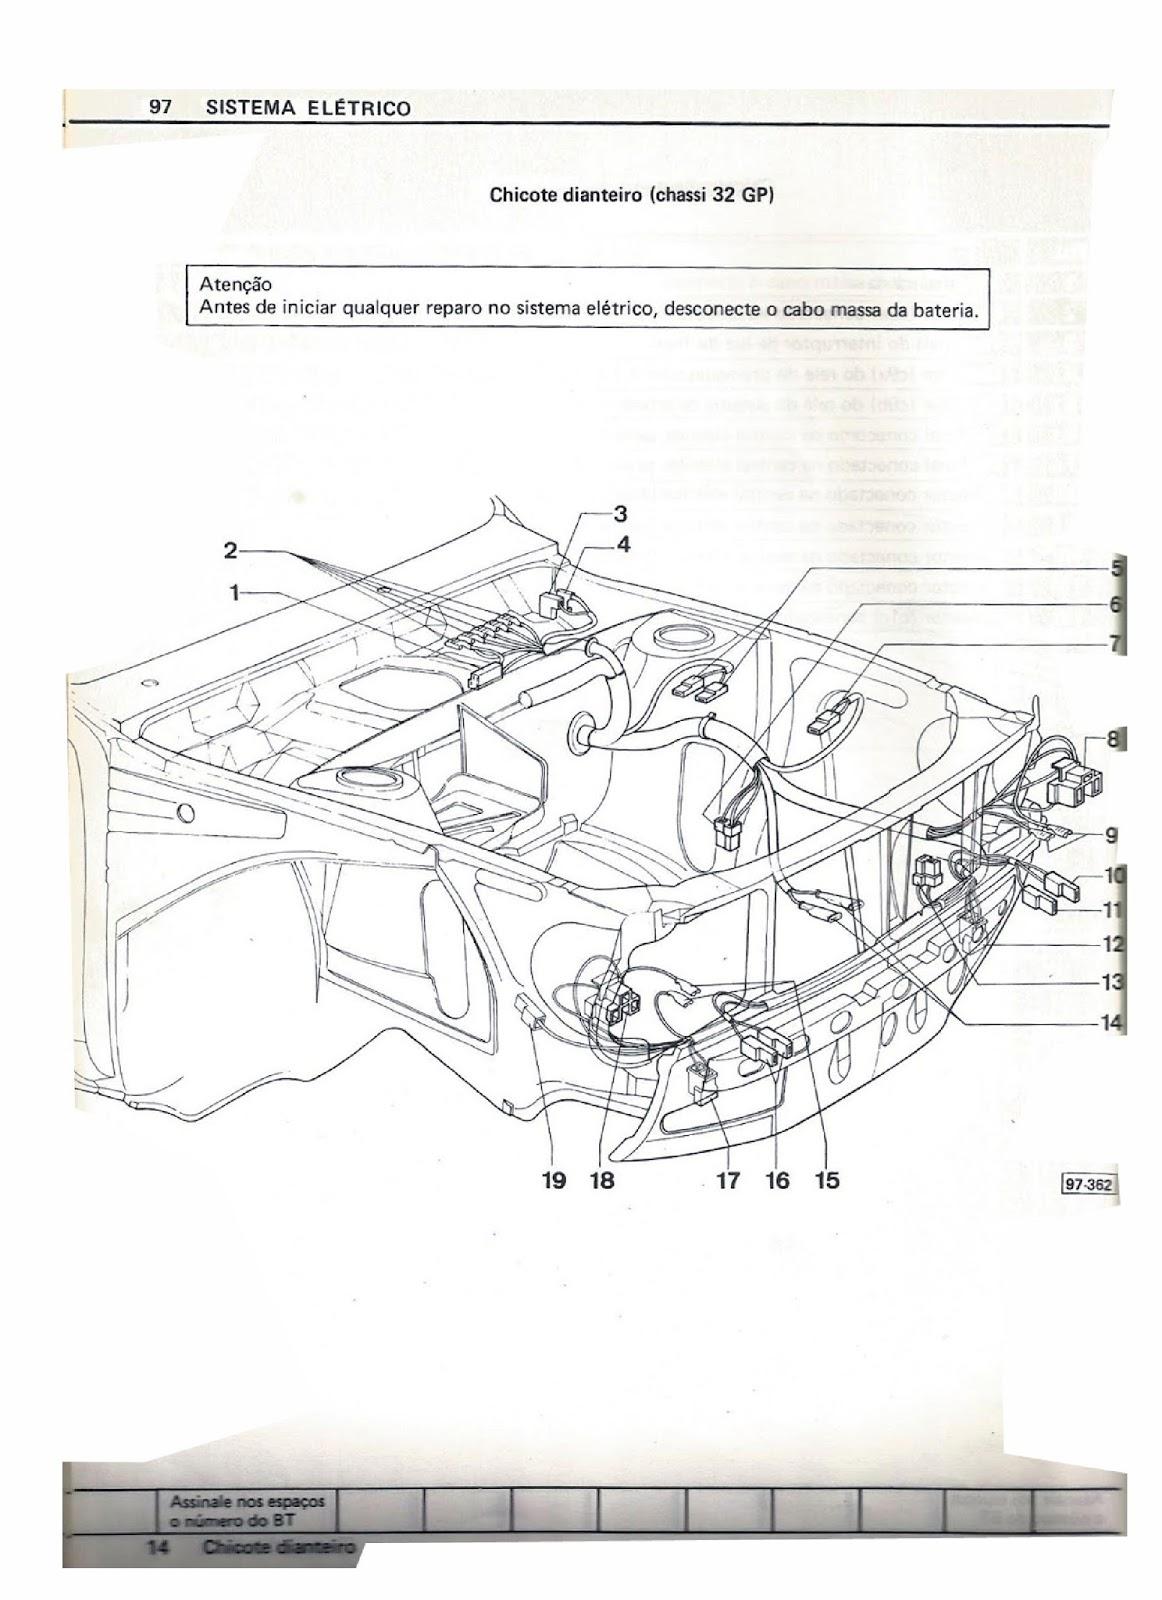 OFICINA VW : MANUAL DE REPARAÇÕES ELÉTRICAS DO PASSAT 86